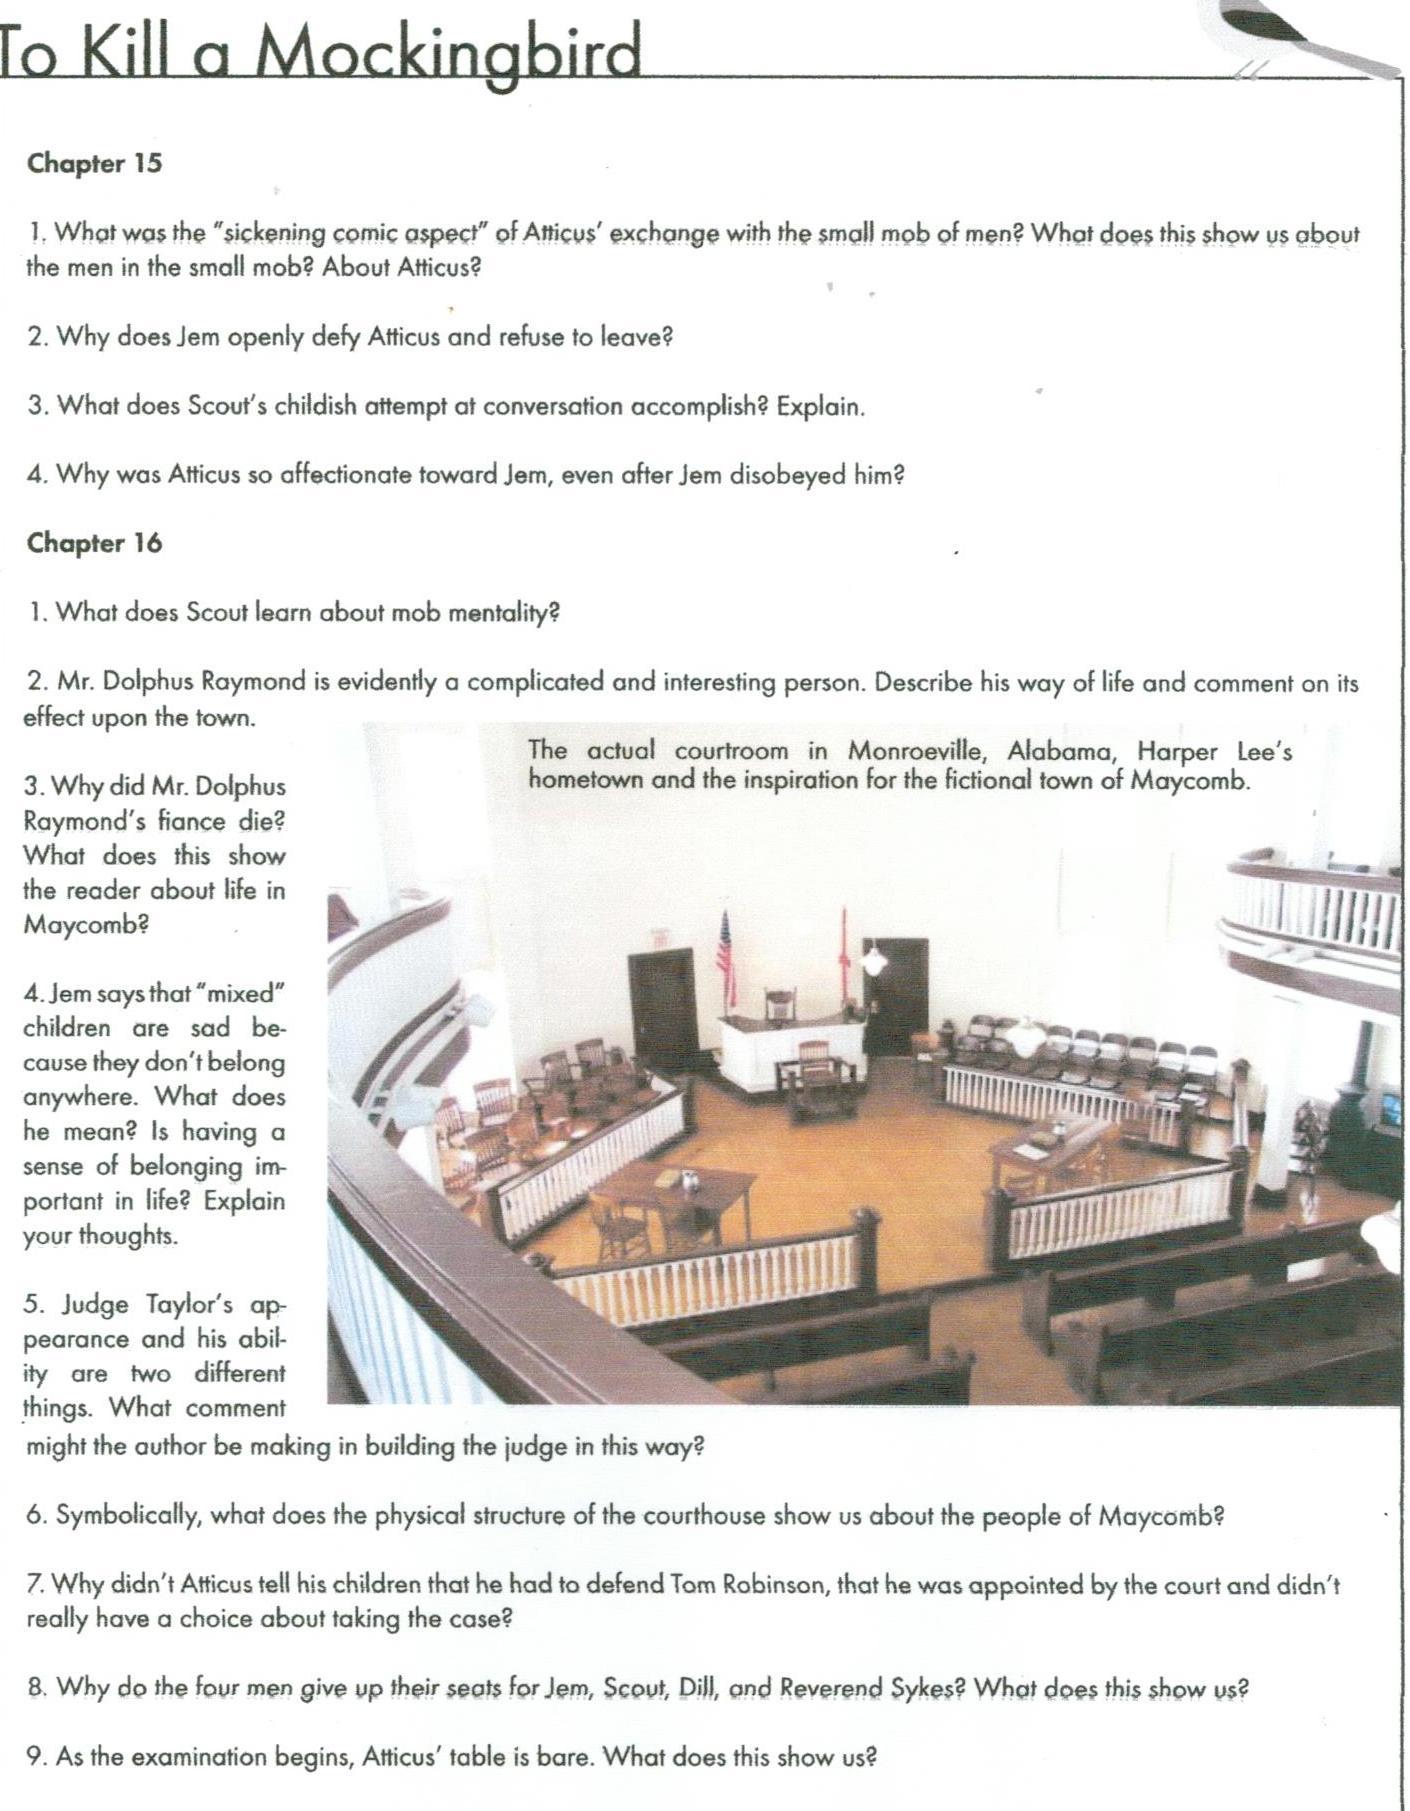 to kill a mockingbird summary chapter 15 17